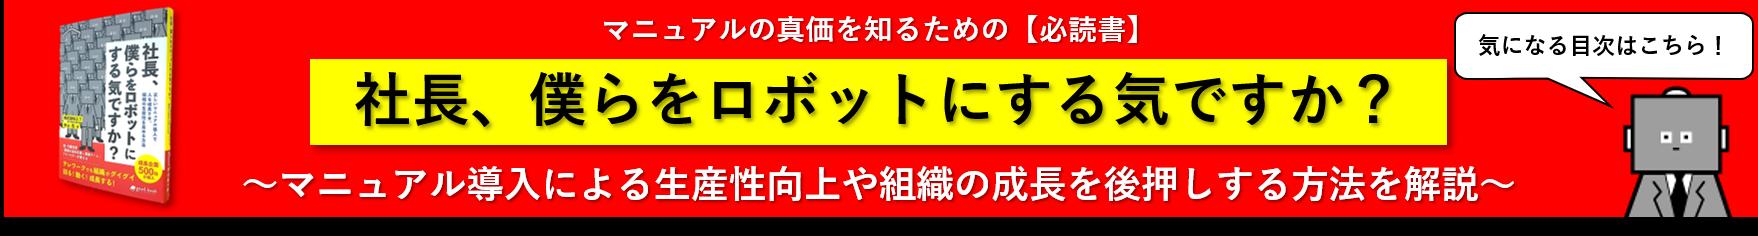 RIKYU会員_書籍バナー